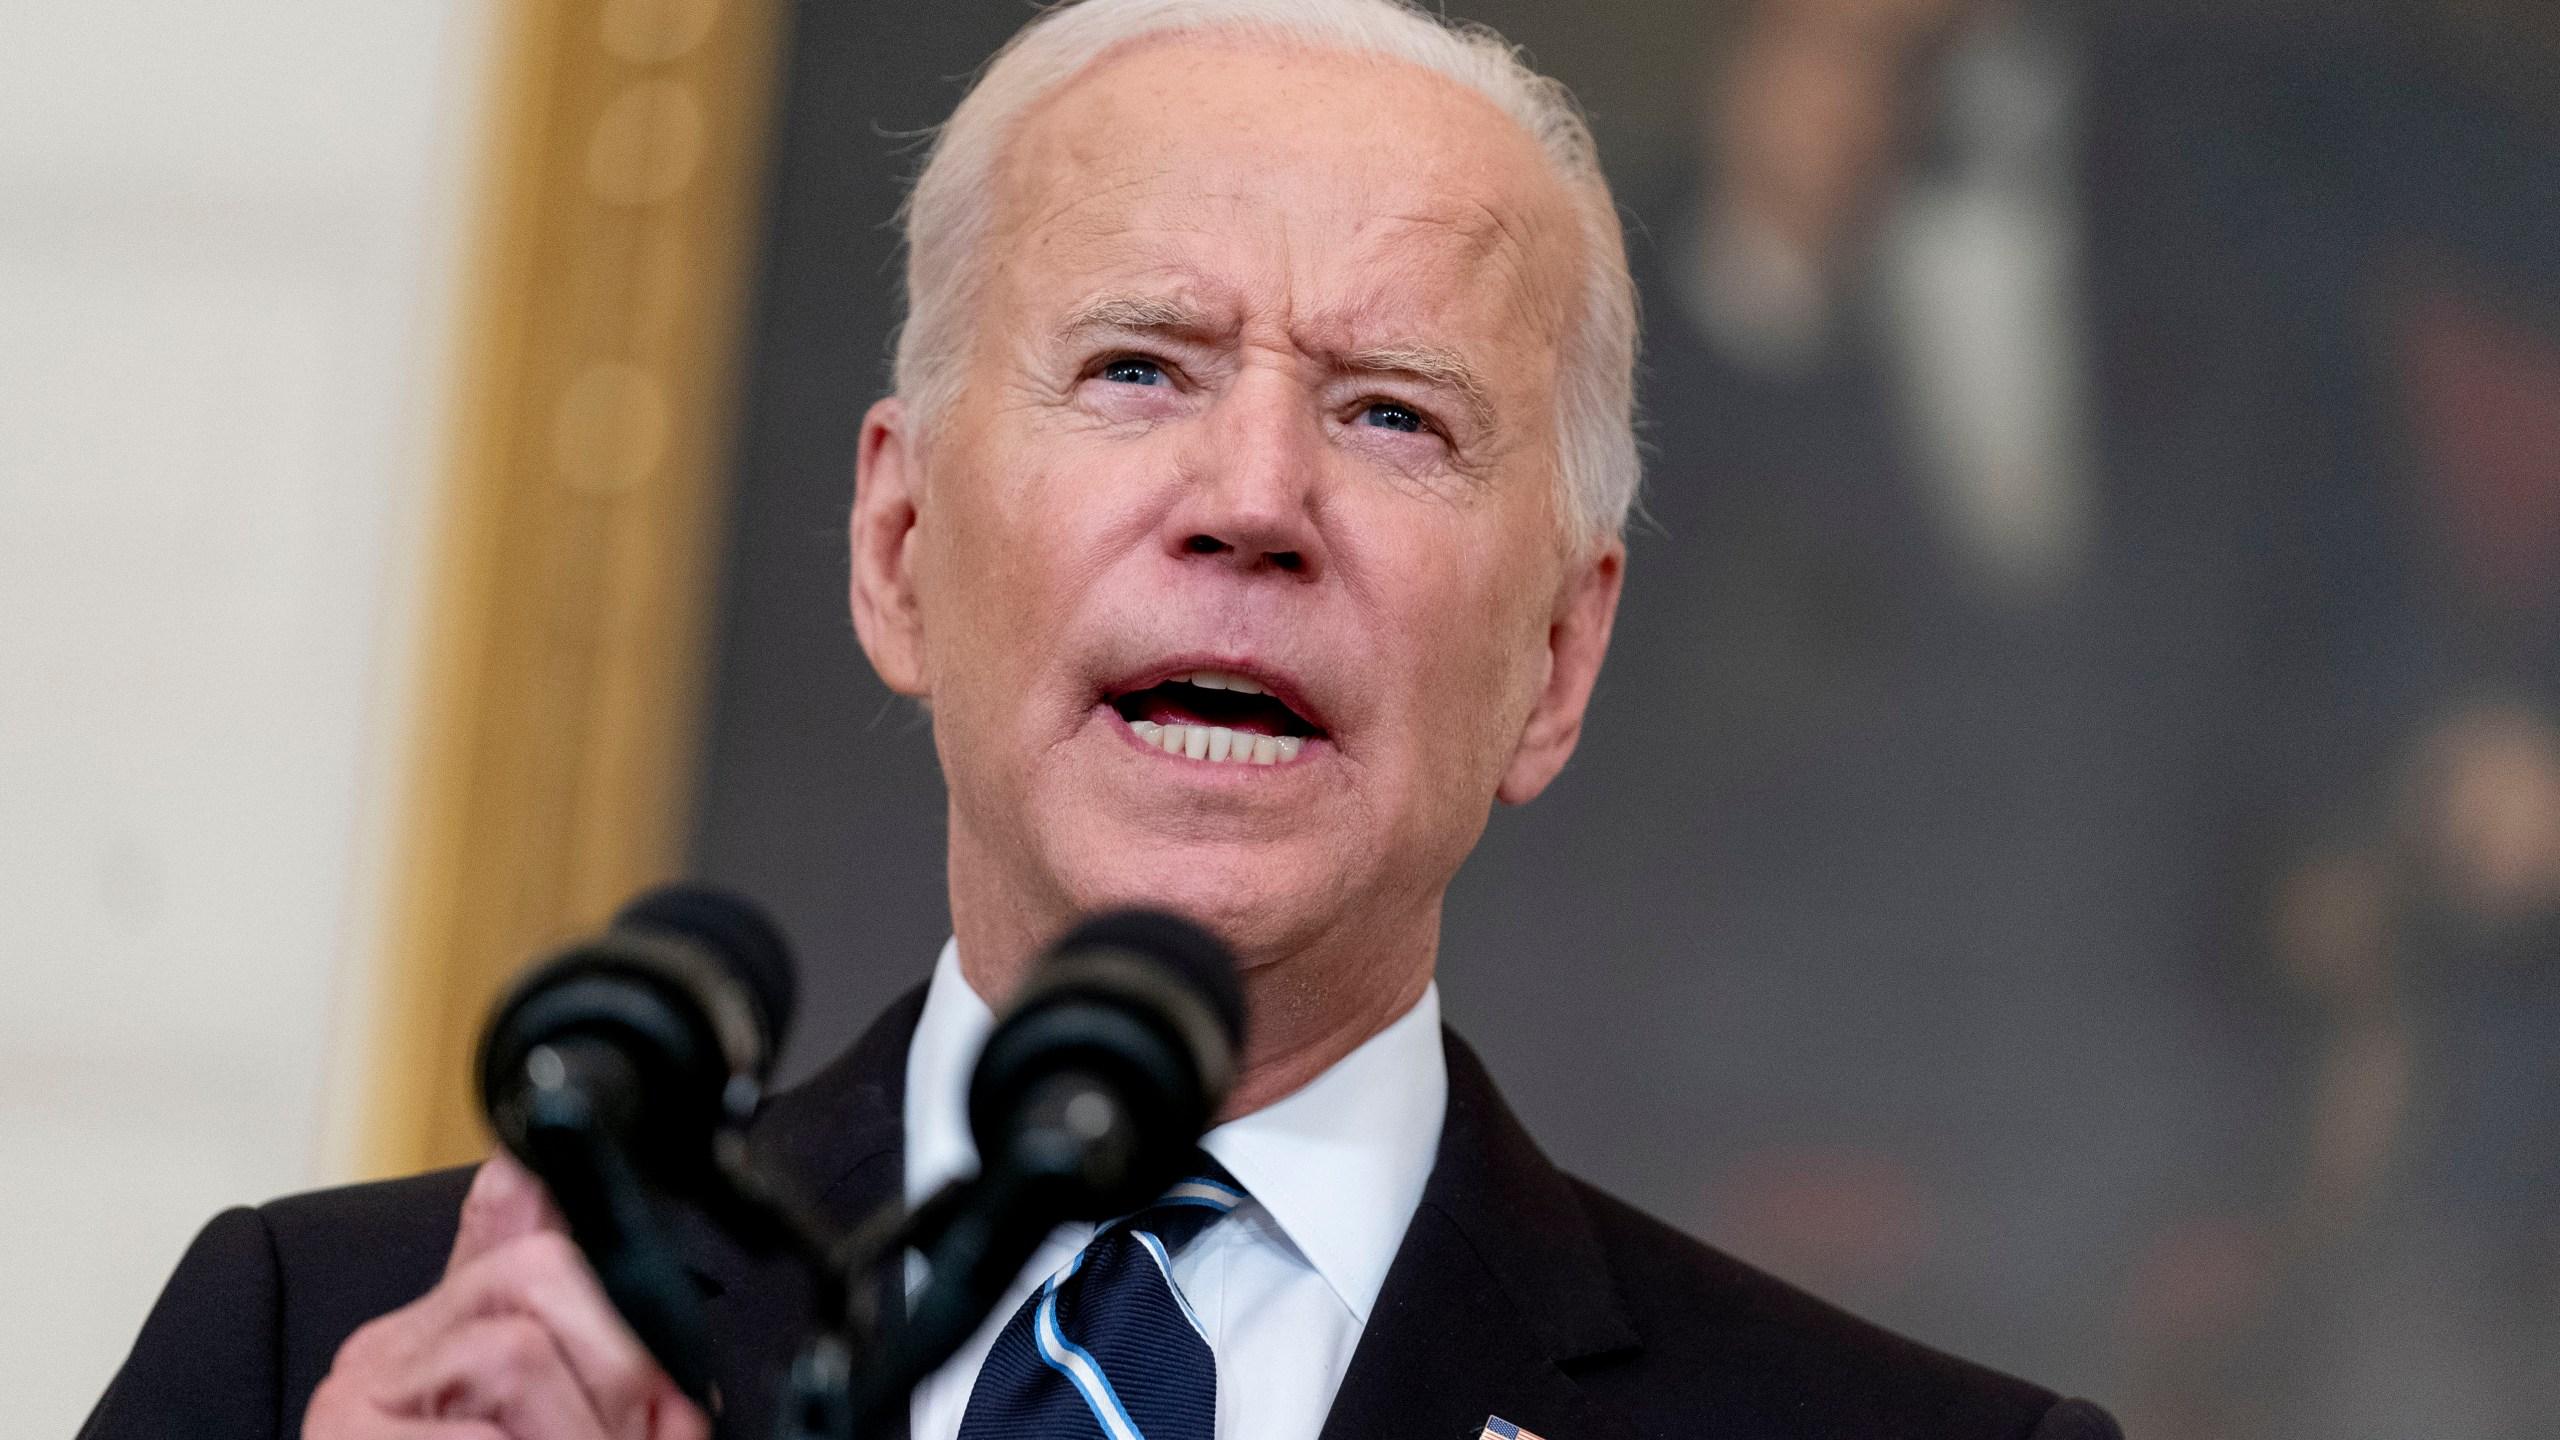 President Joe Biden speaks in the State Dining Room at the White House, Thursday, Sept. 9, 2021, in Washington. (AP Photo/Andrew Harnik)